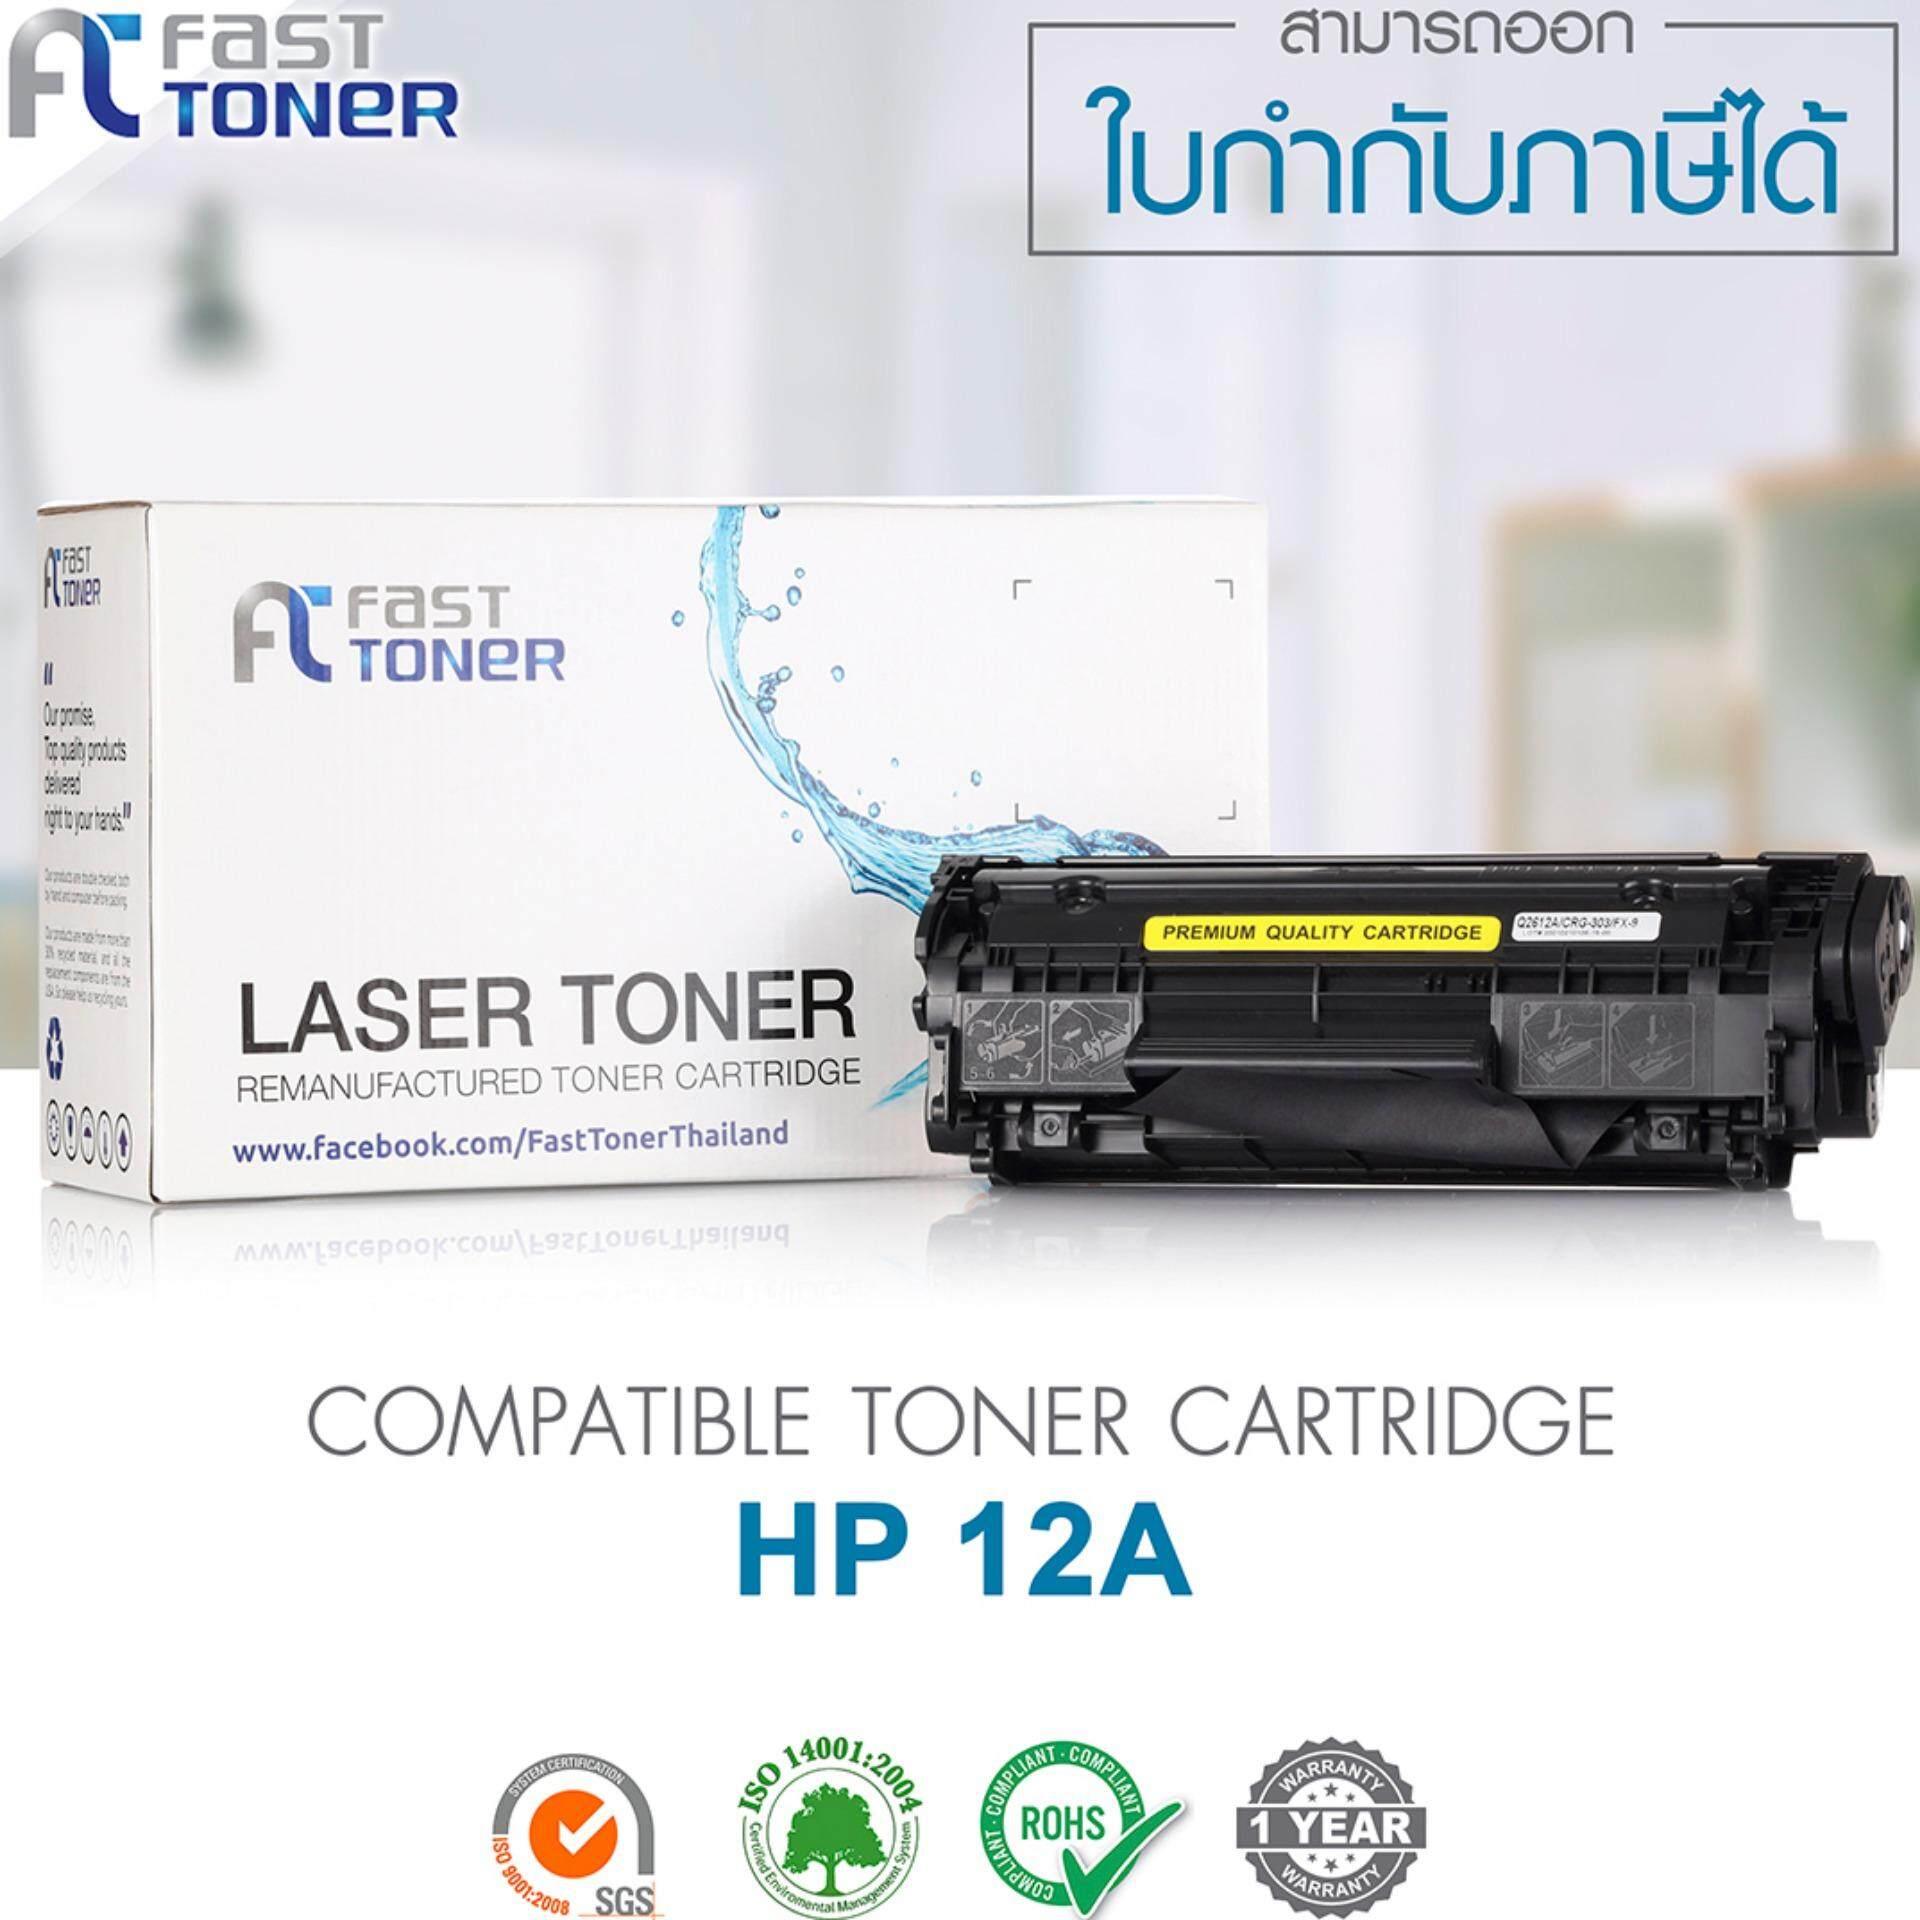 Fast Tonerตลับหมึกพิมพ์เลเซอร์ HP Q2612A (HP 12A)สำหรับปริ๊นเตอร์เลเซอร์HP LaserJet 1010/1012/1015/1018/1020/1022 / 1022N / 1022NW / 3015/3020/3030 / 3050/3050 AIO / 3052/3055